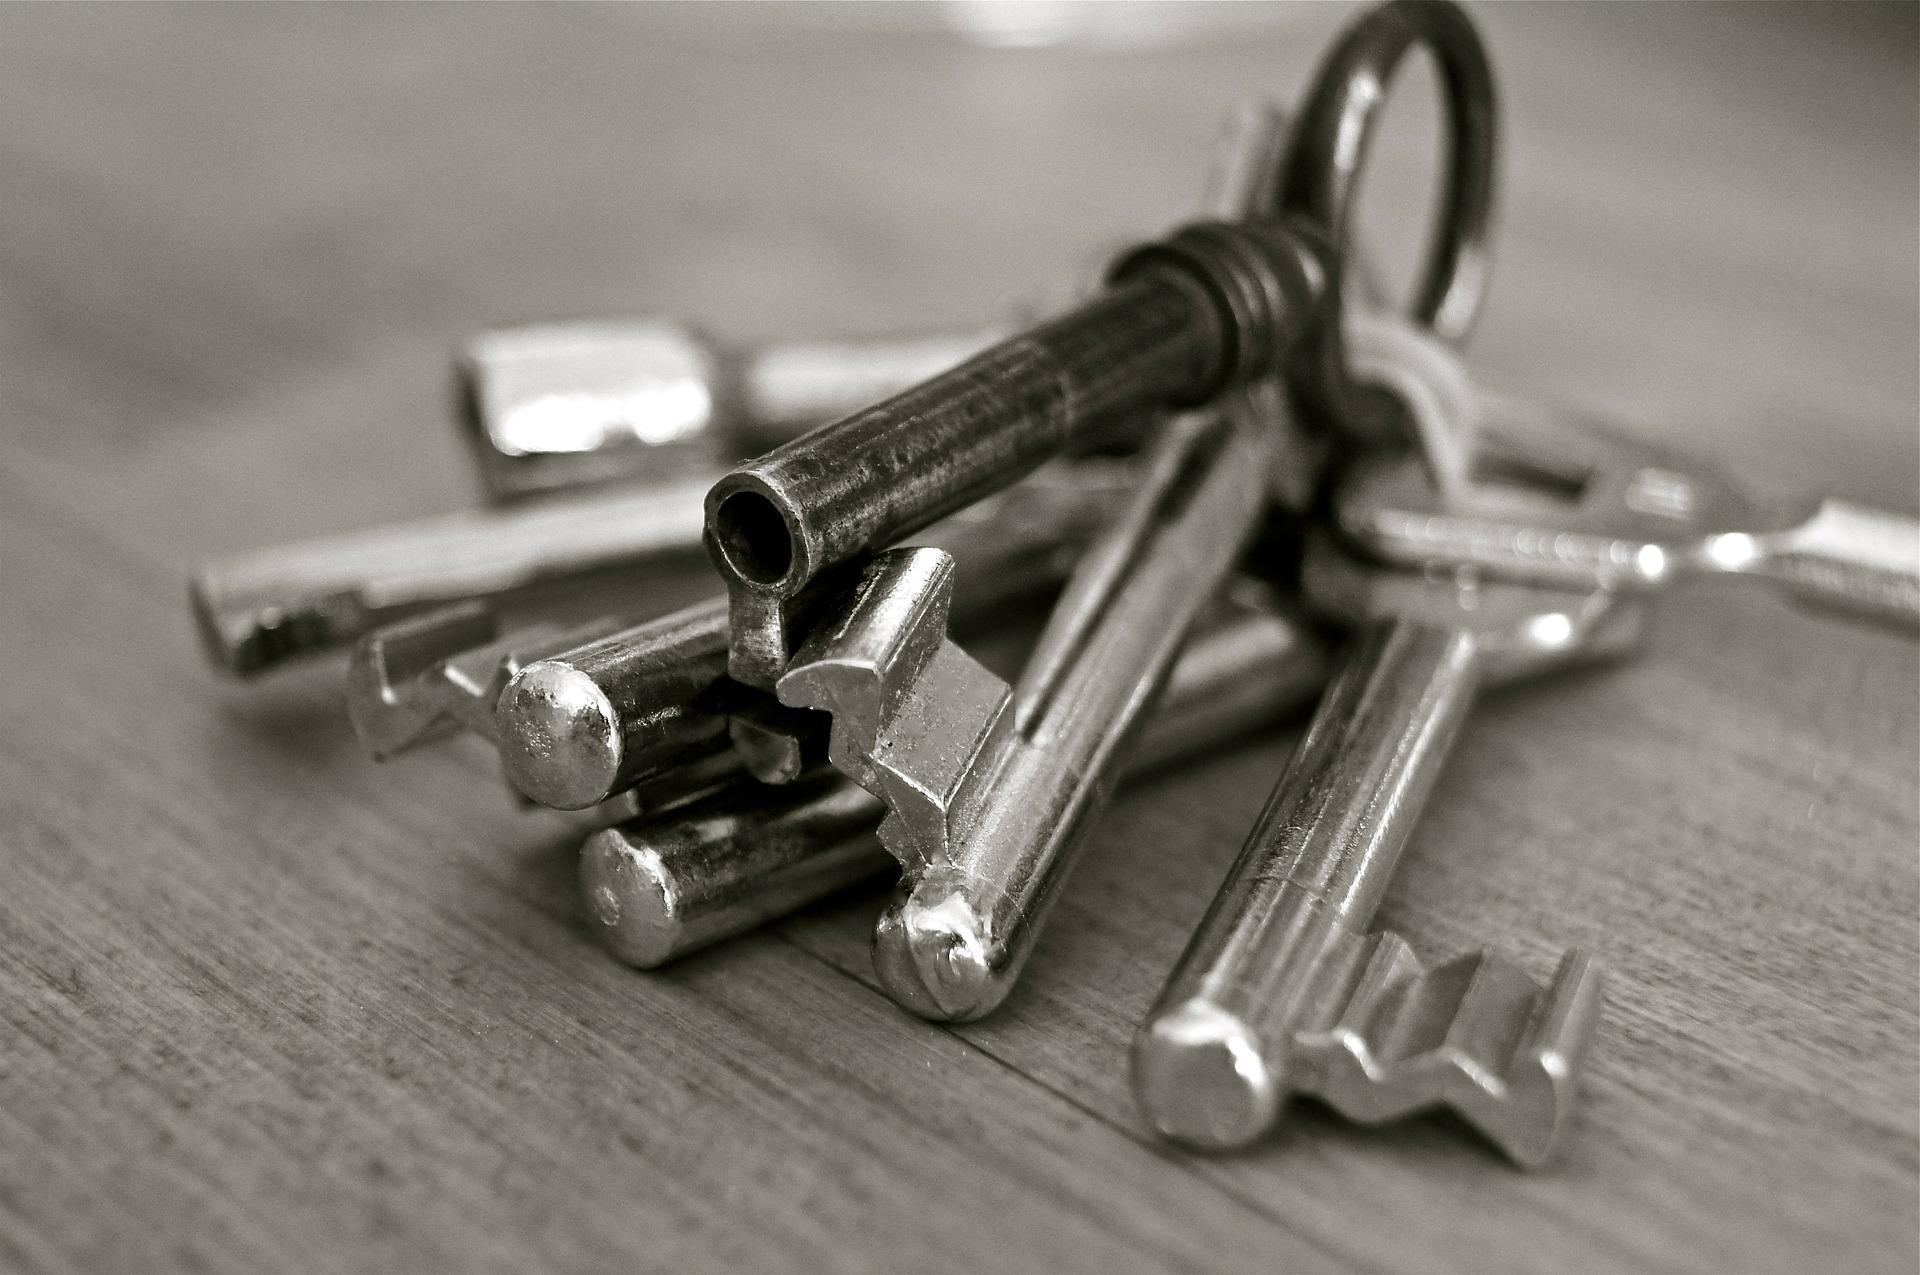 Nur wer den Schlüssel hat, kommt hier rein!